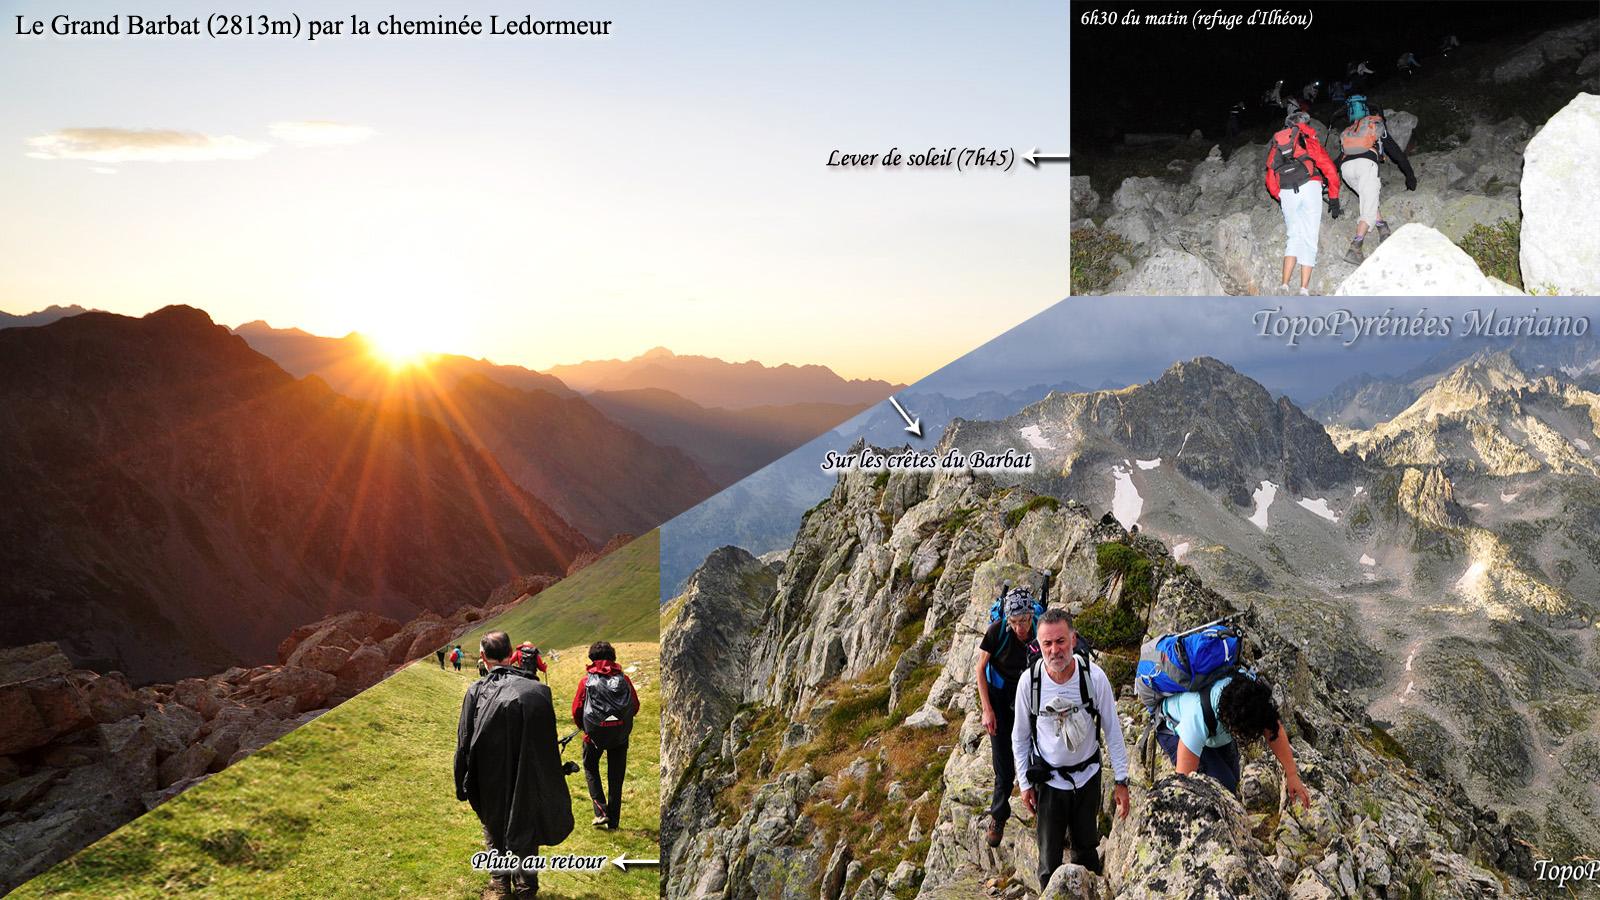 Randonnée Grand Barbat (2813m) en boucle par la cheminée Ledormeur et le col d'Ilhéou